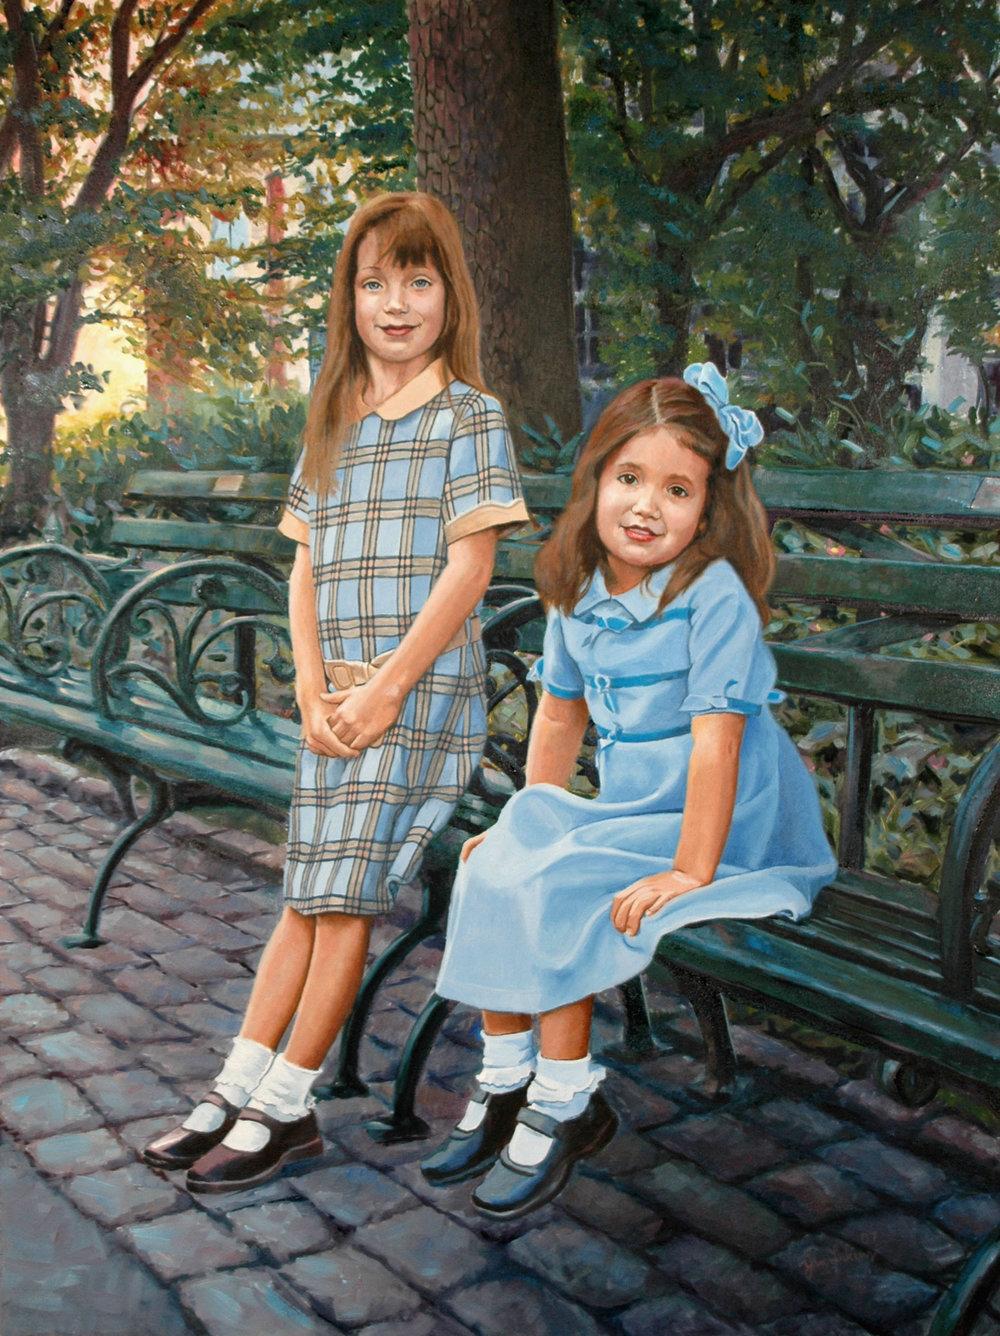 Cebula Sisters in Central Park